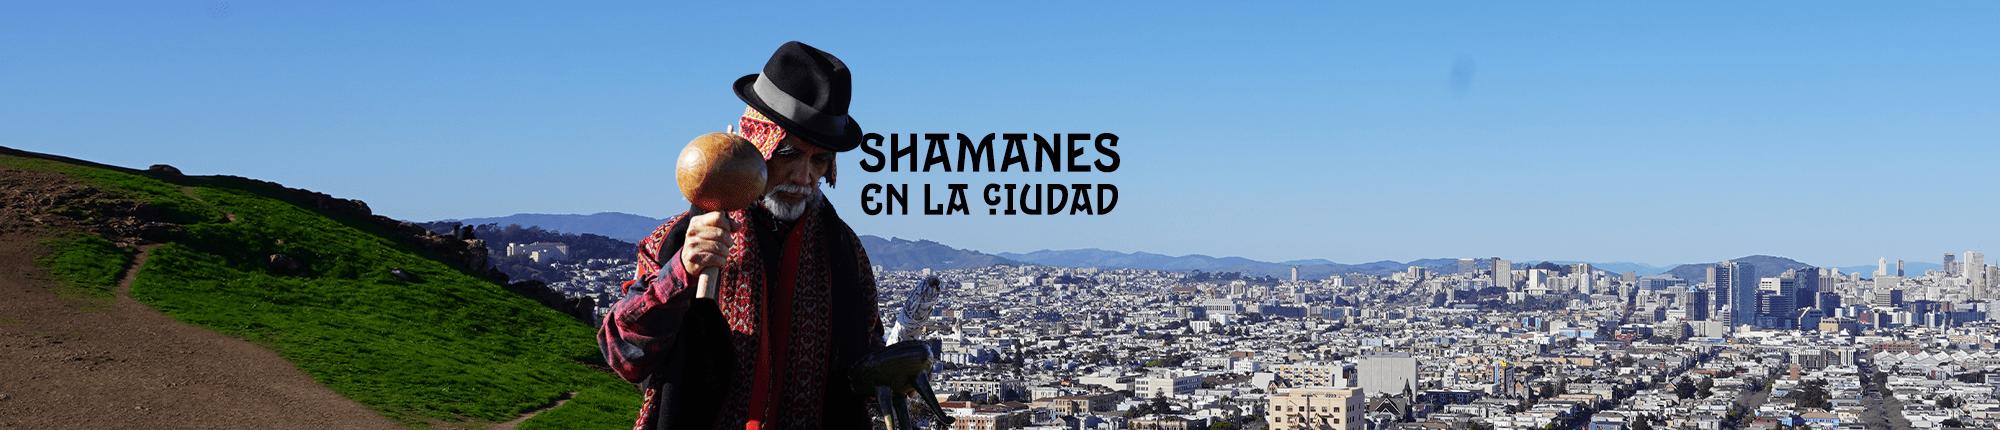 Shamanes en la ciudad